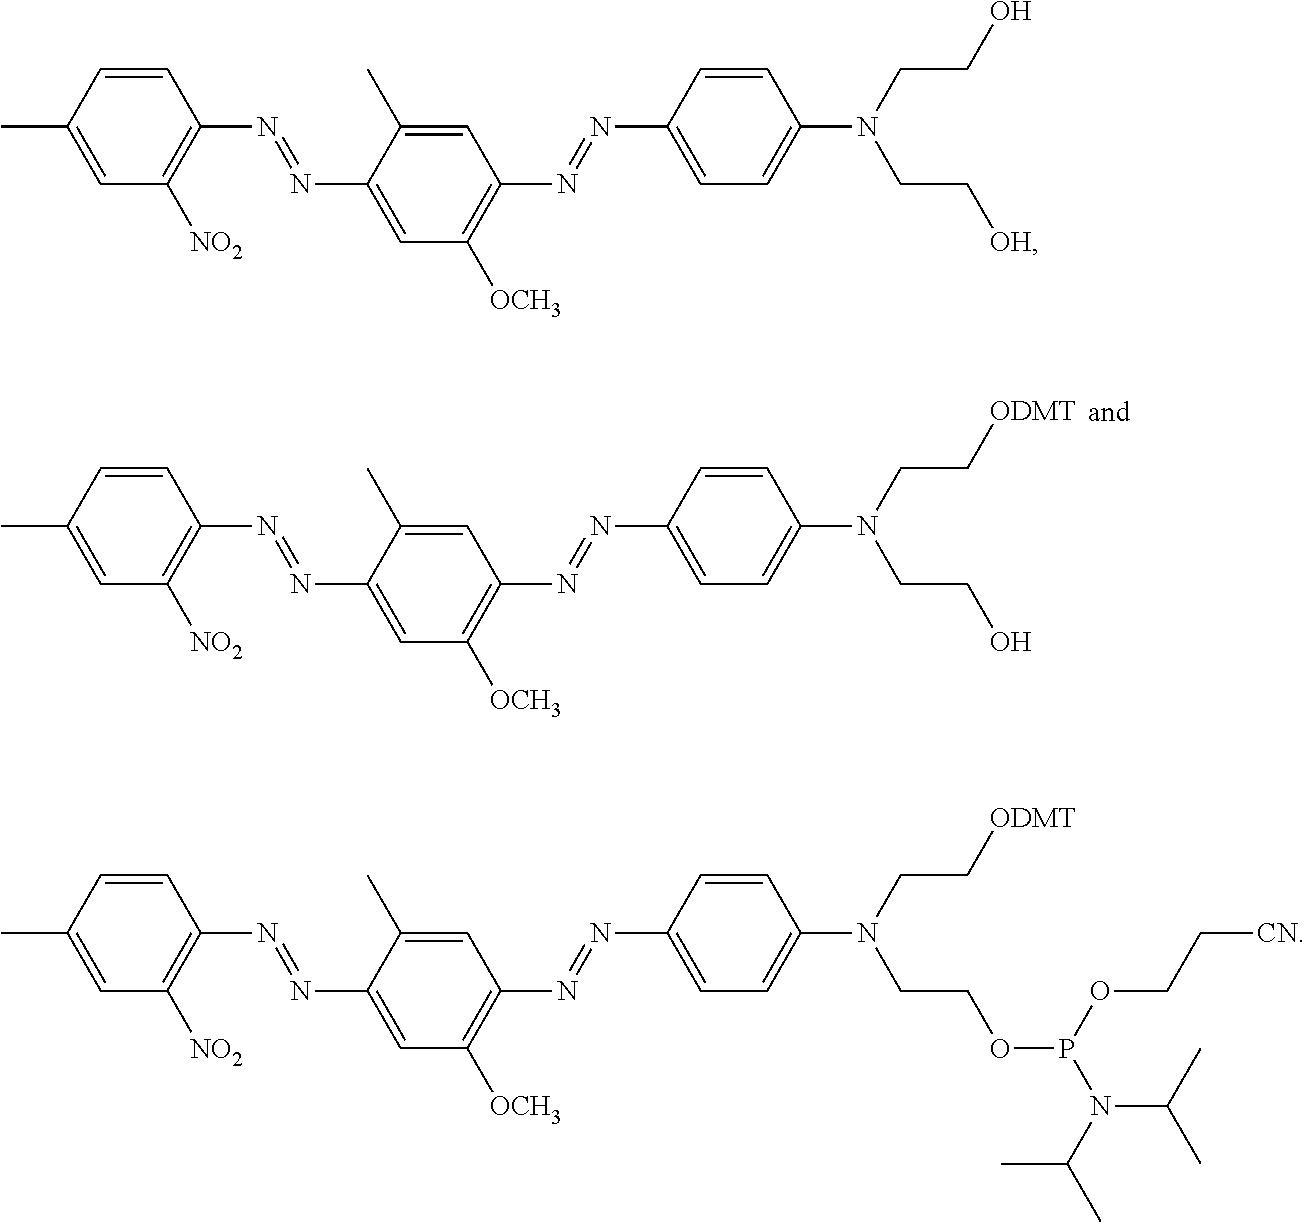 Figure US08410255-20130402-C00021